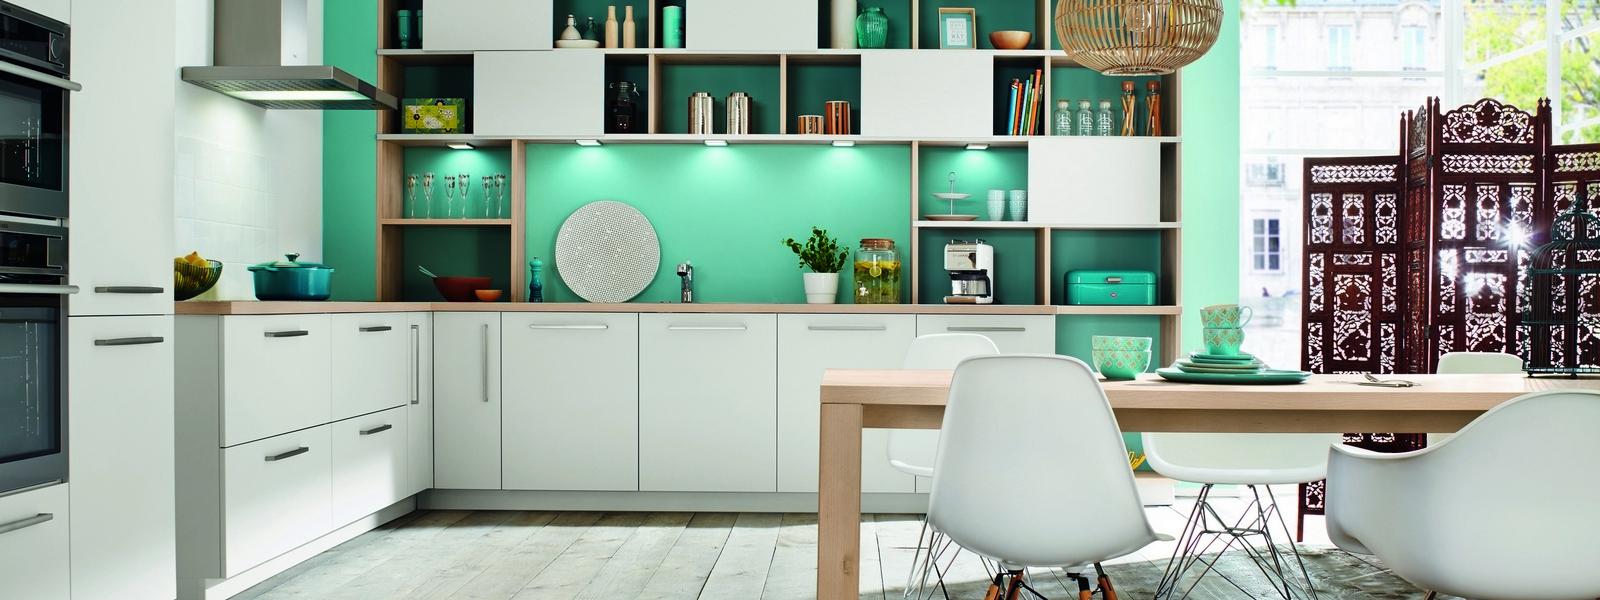 Nieuw in de huisselectie fenix fronten keukenstudio van vliet - Kleine keukenstudio ...